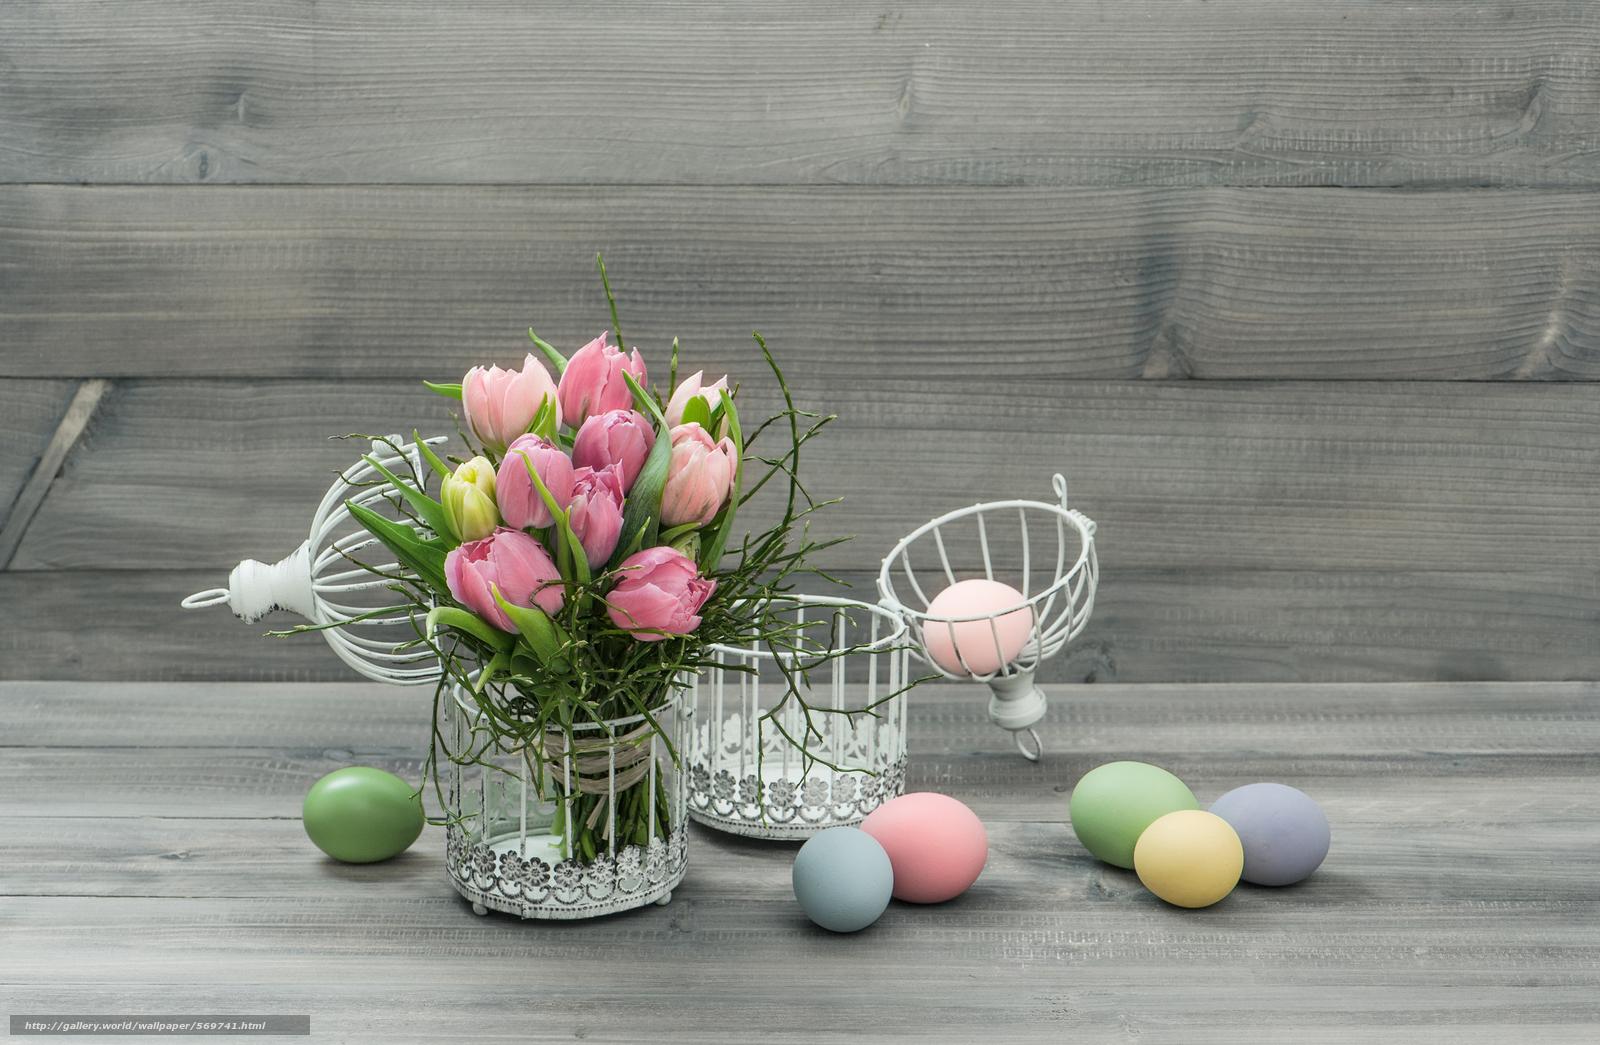 Tlcharger fond d 39 ecran tulipes ufs fleurs les oeufs de for Fond ecran paques